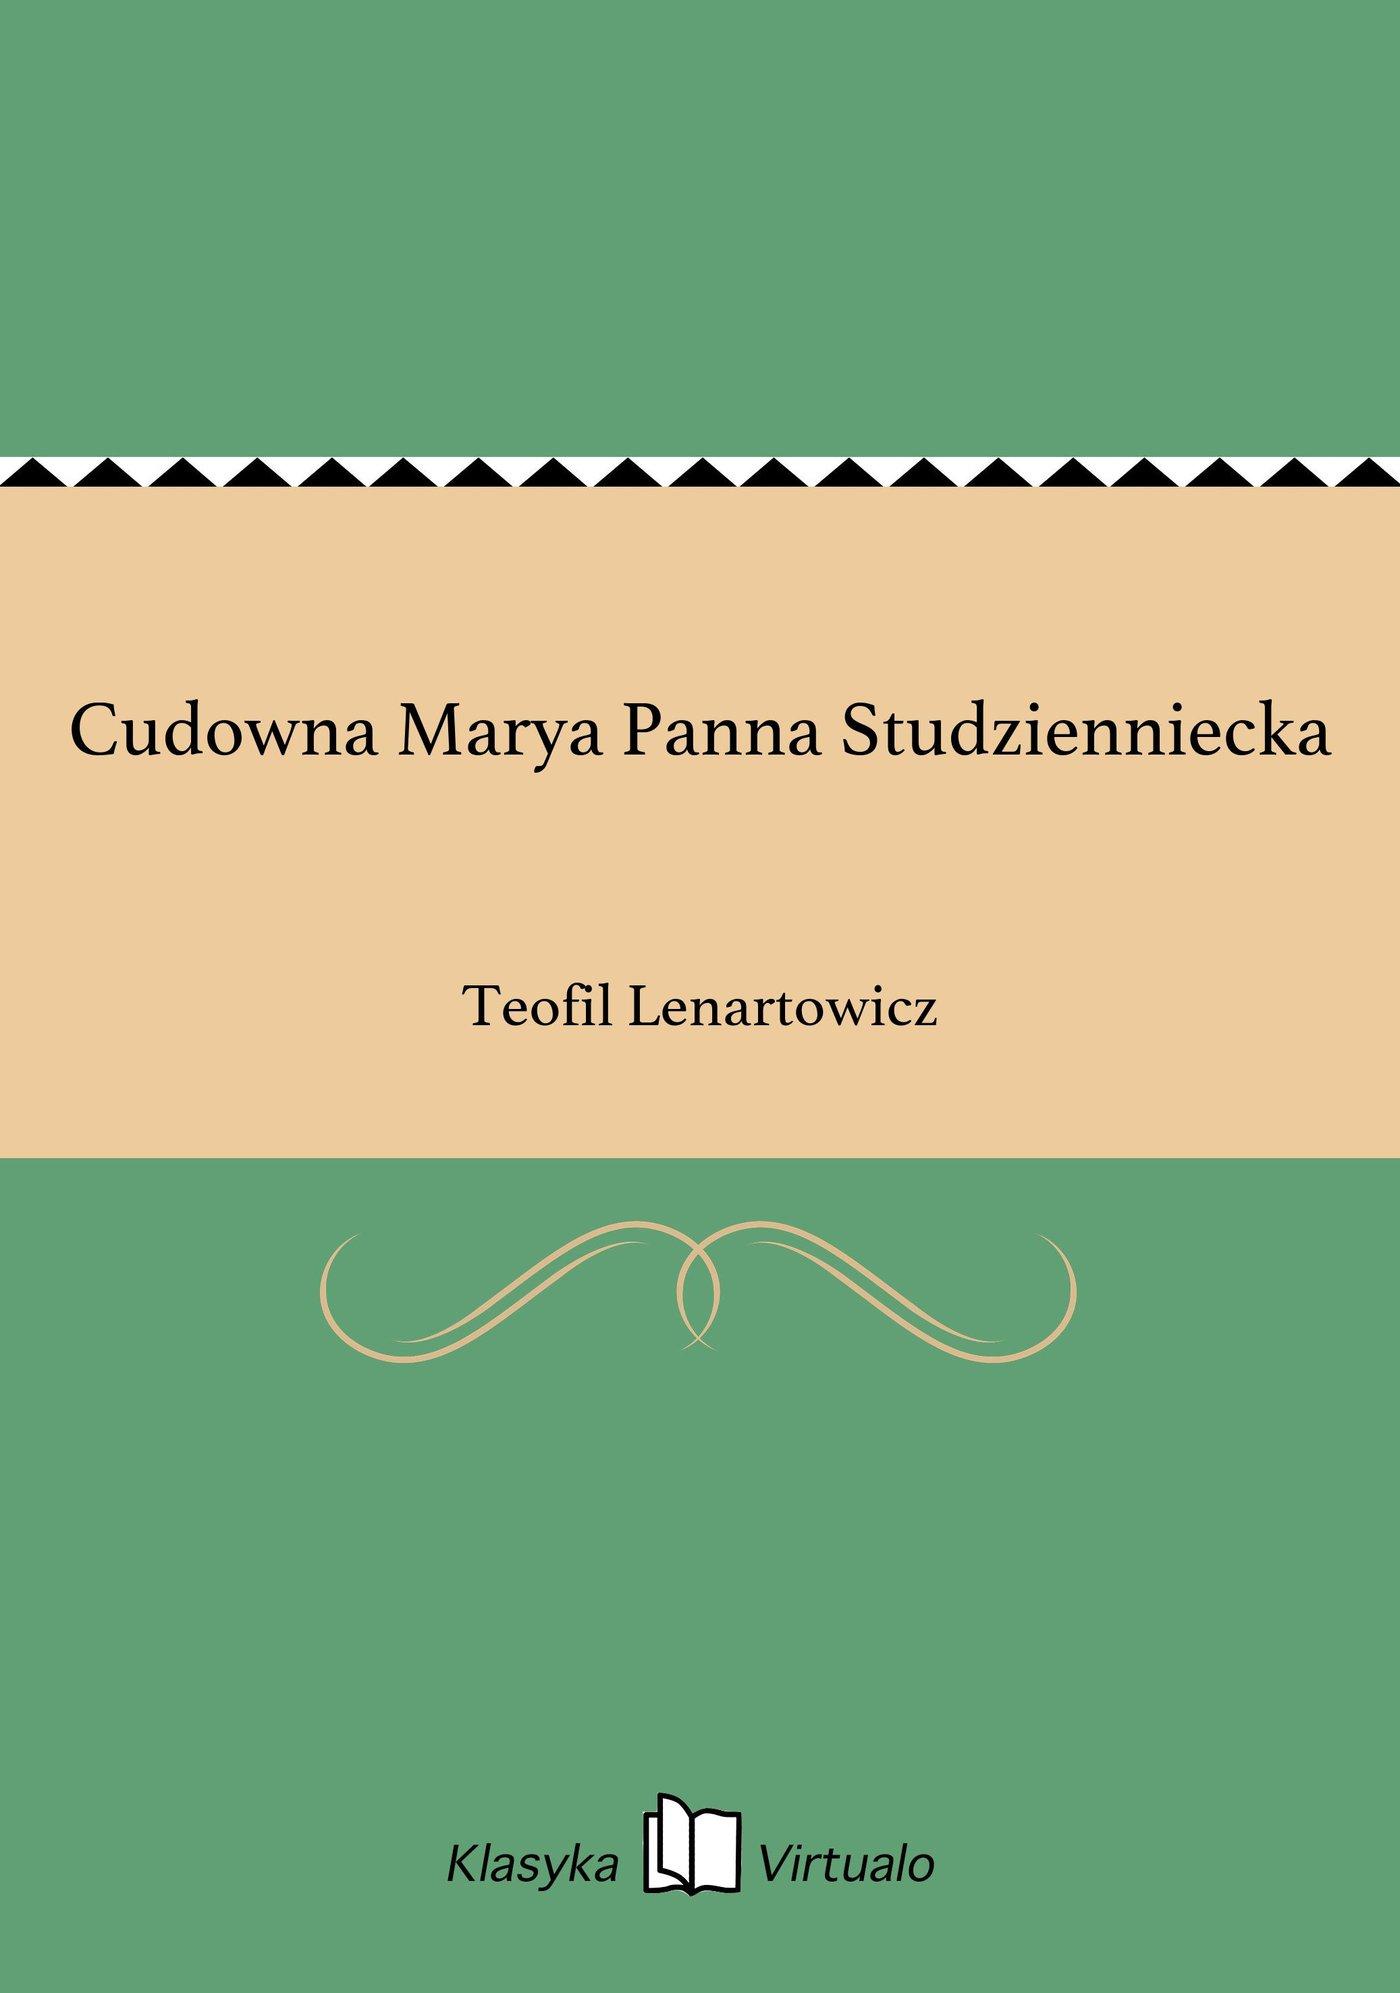 Cudowna Marya Panna Studzienniecka - Ebook (Książka na Kindle) do pobrania w formacie MOBI